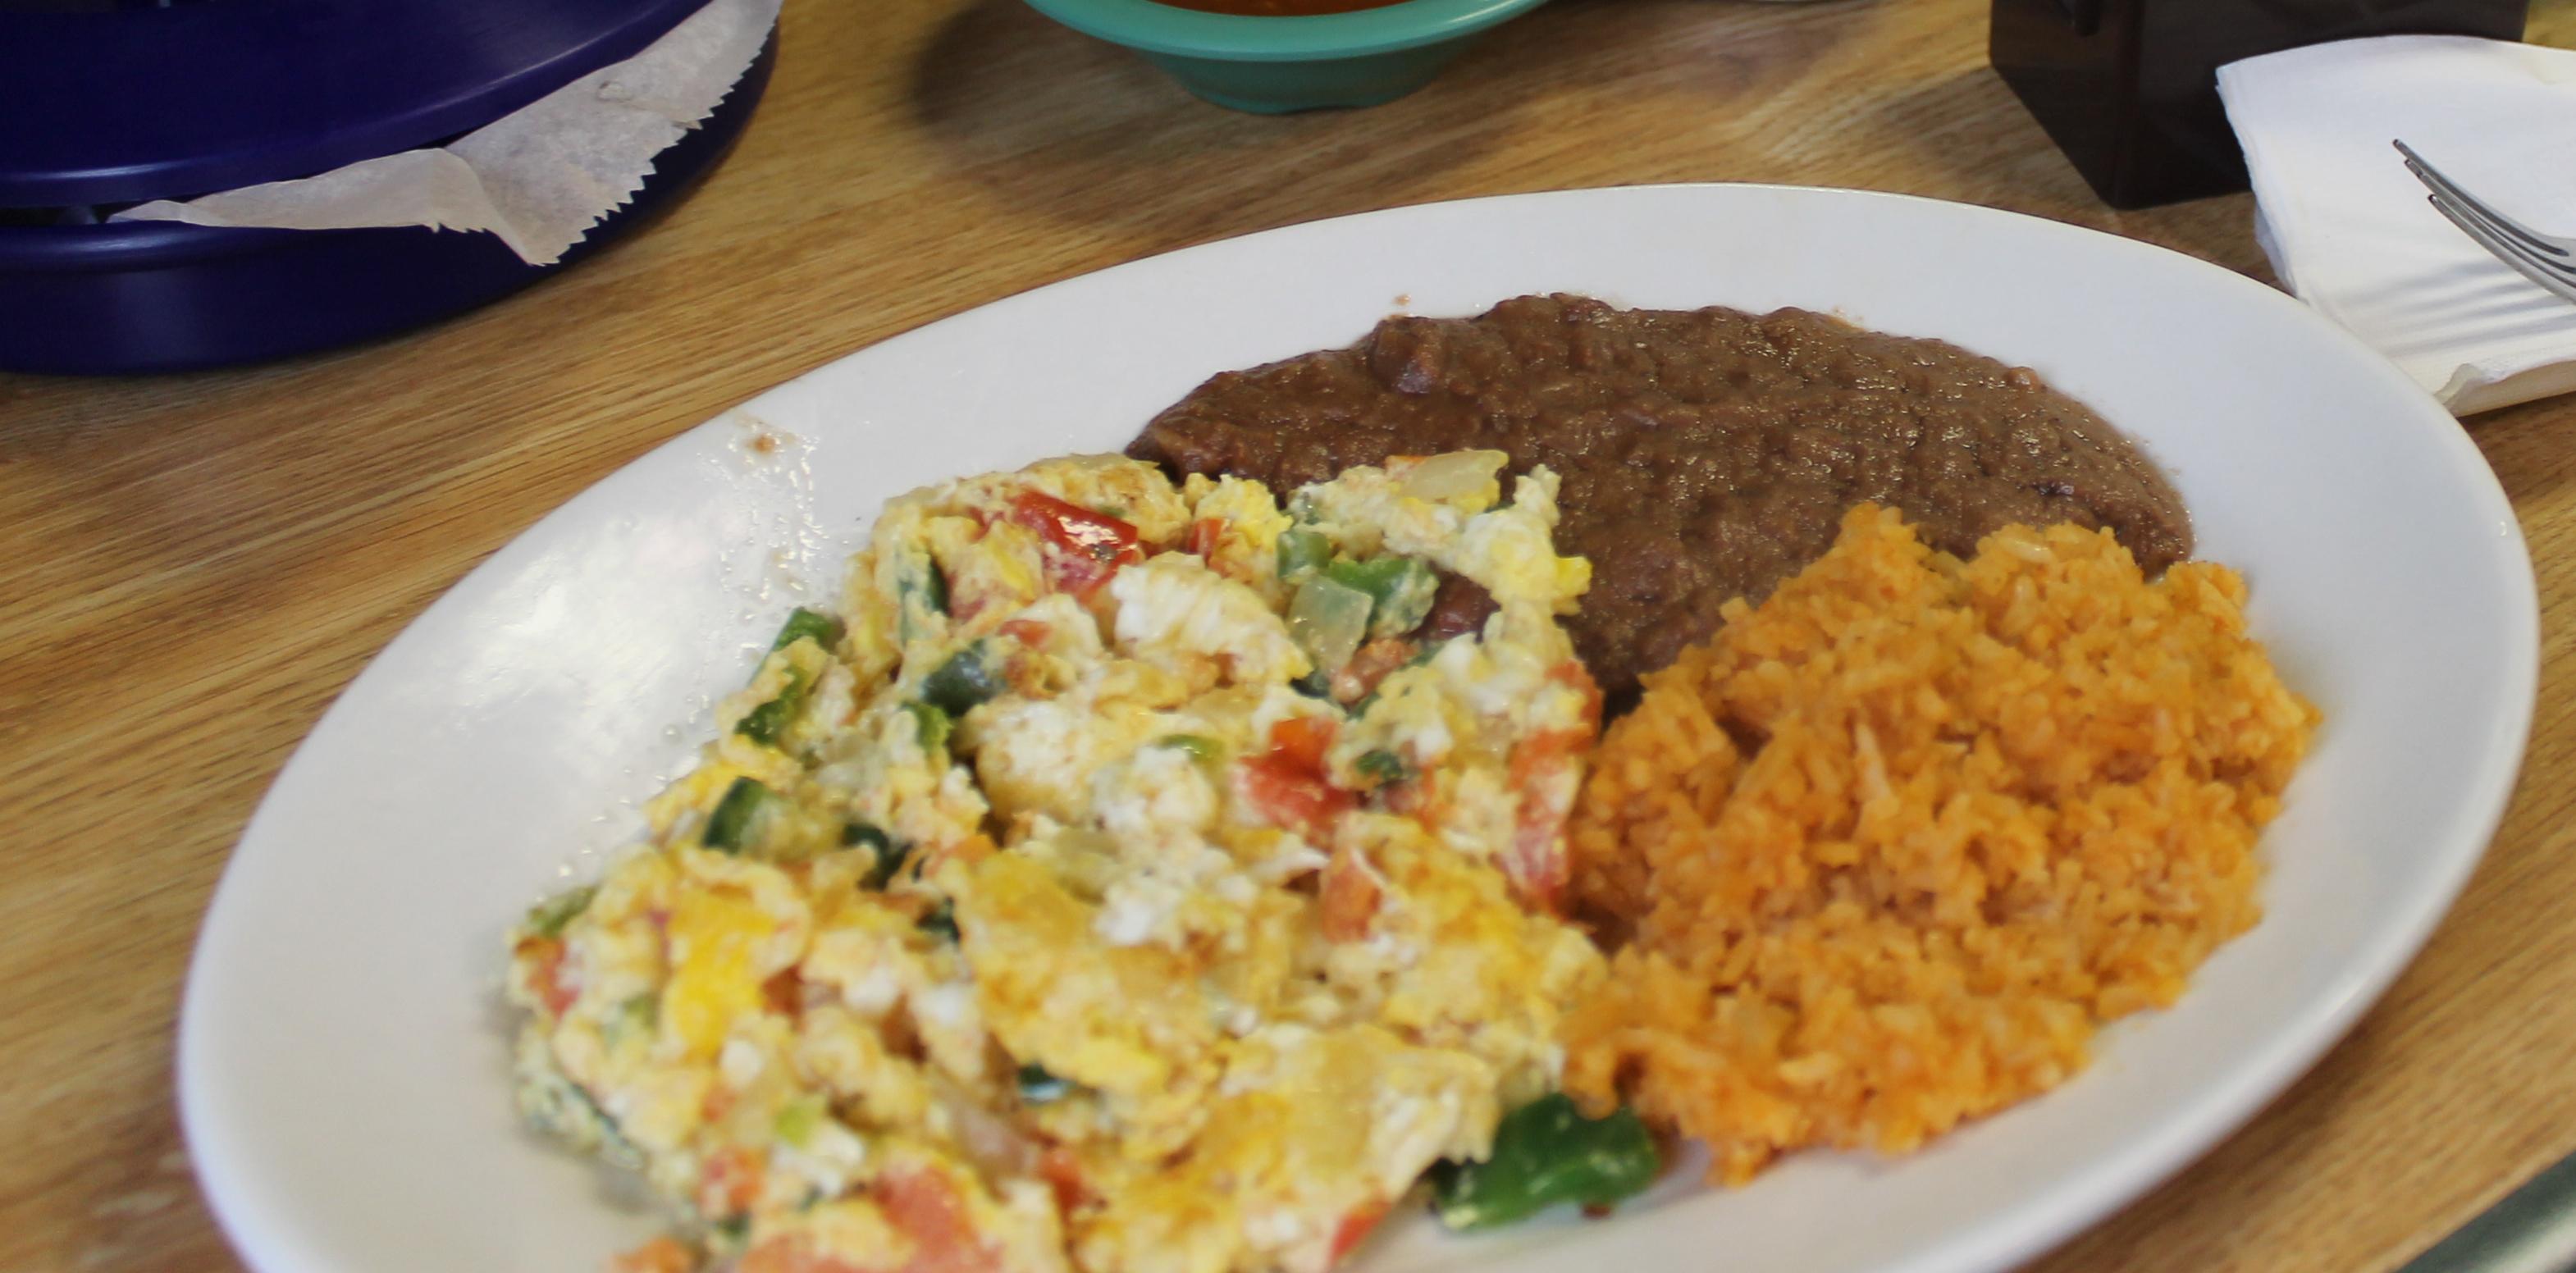 File:Huevos à la Mexicana. (6571912625).jpg - Wikimedia ...